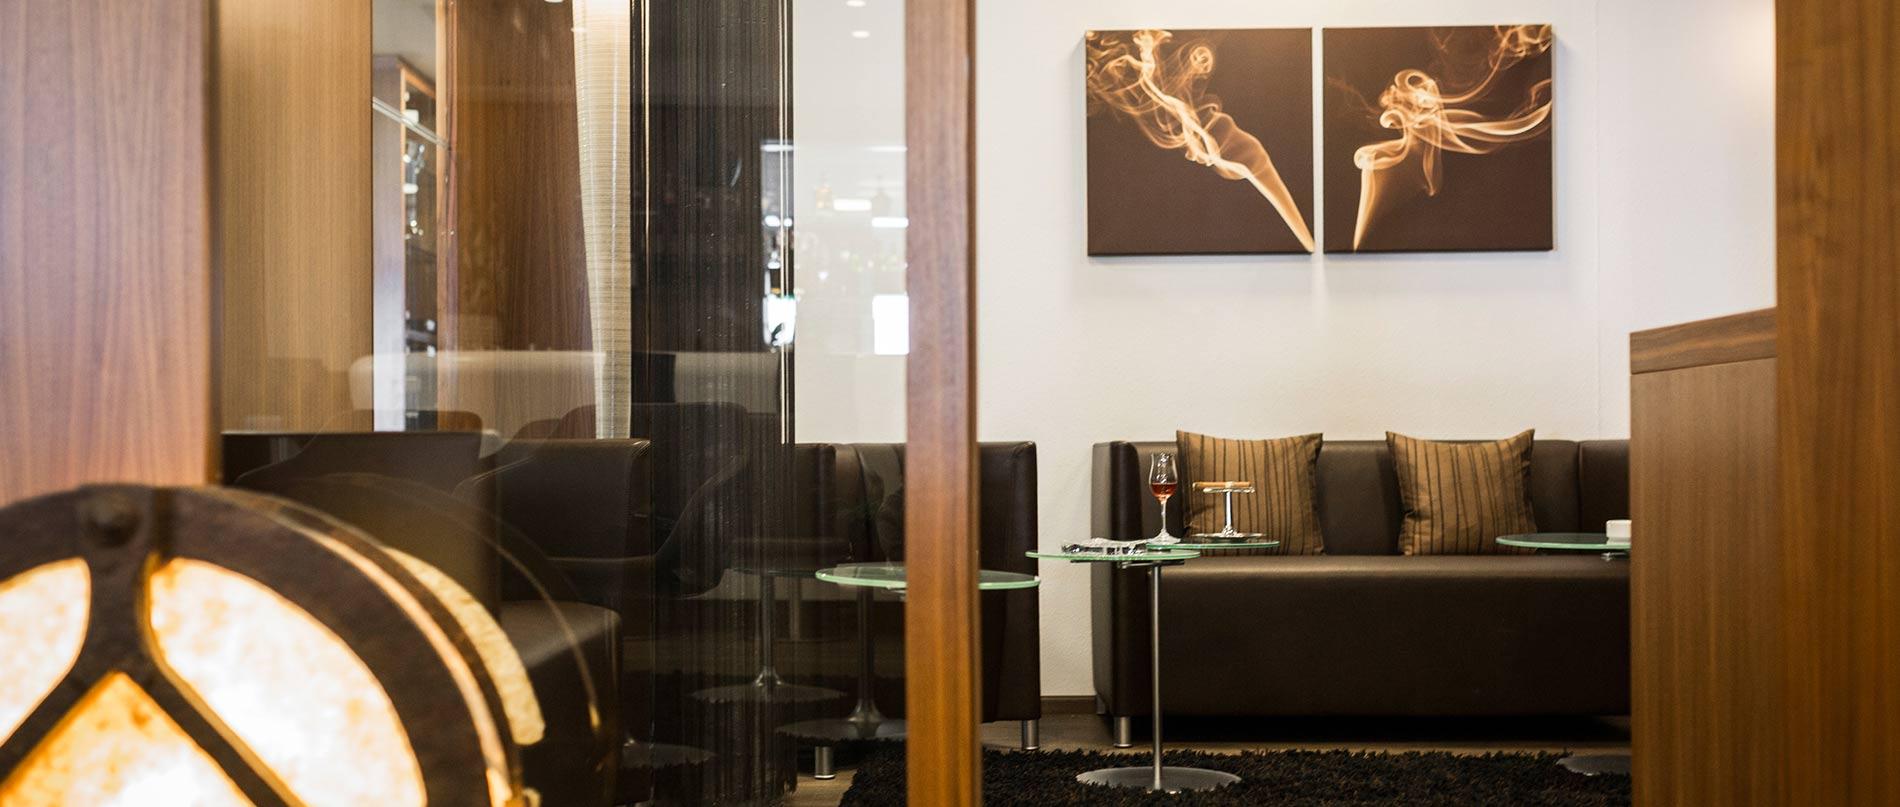 Bar & Zigarrenlounge 5 Sterne Hotel Kitzbühel Rosengarten Tirol